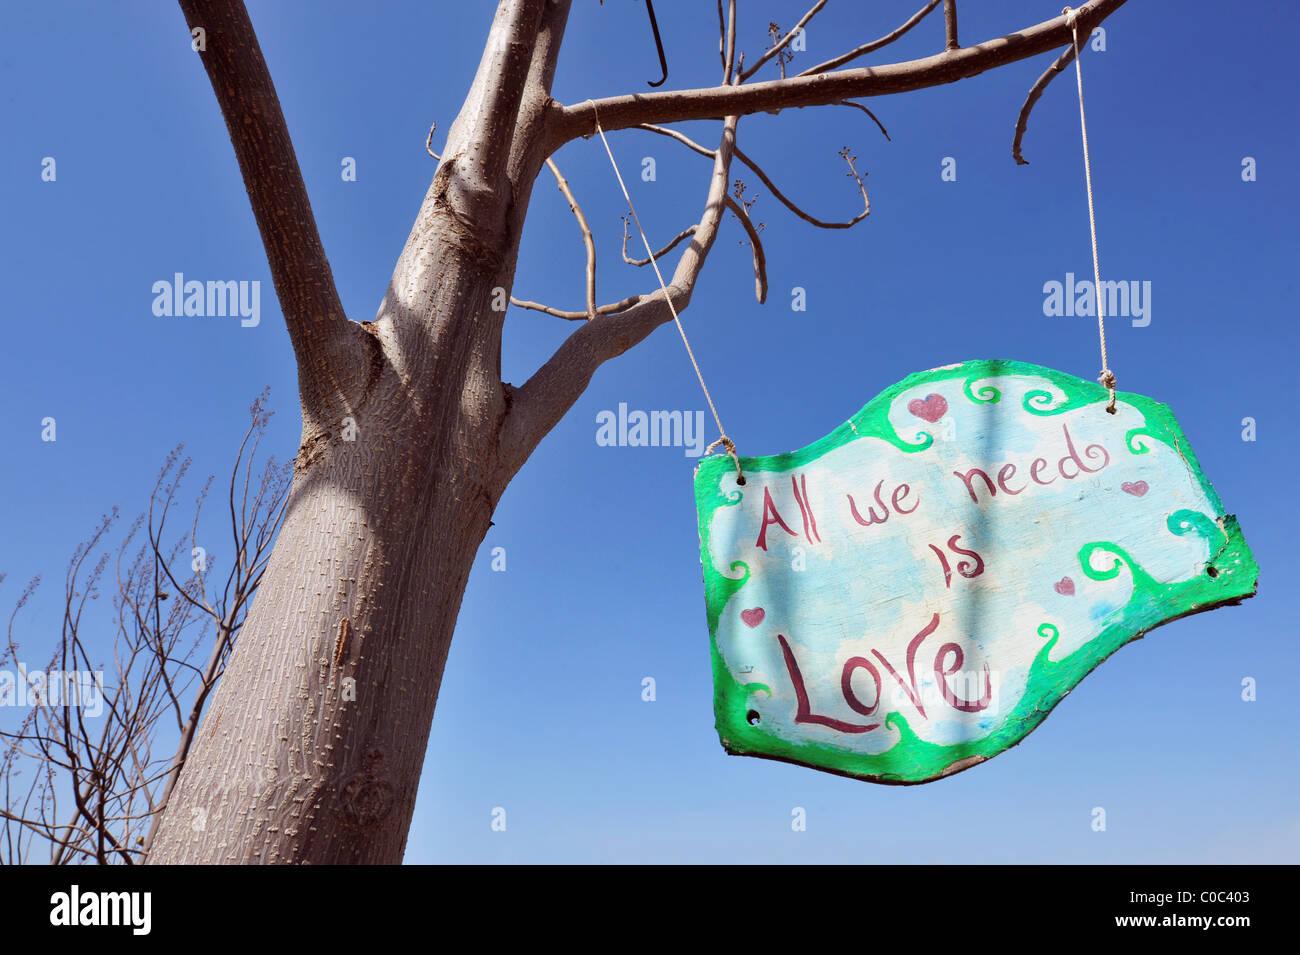 Tous nous avons besoin est amour sign d'un arbre Banque D'Images